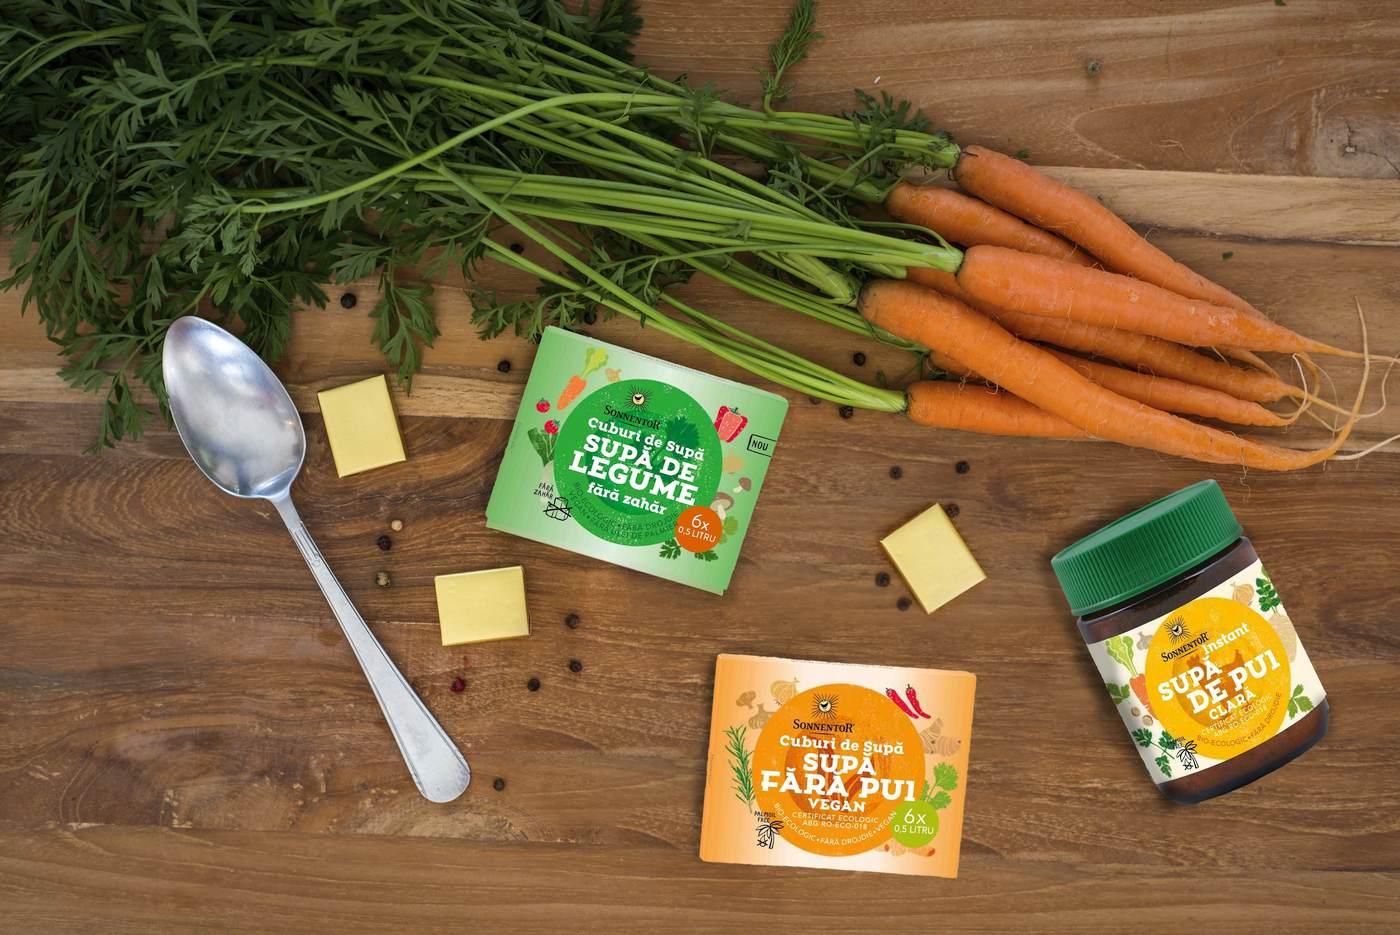 Cuburi Supă și Supă Instant, Fără Zahăr